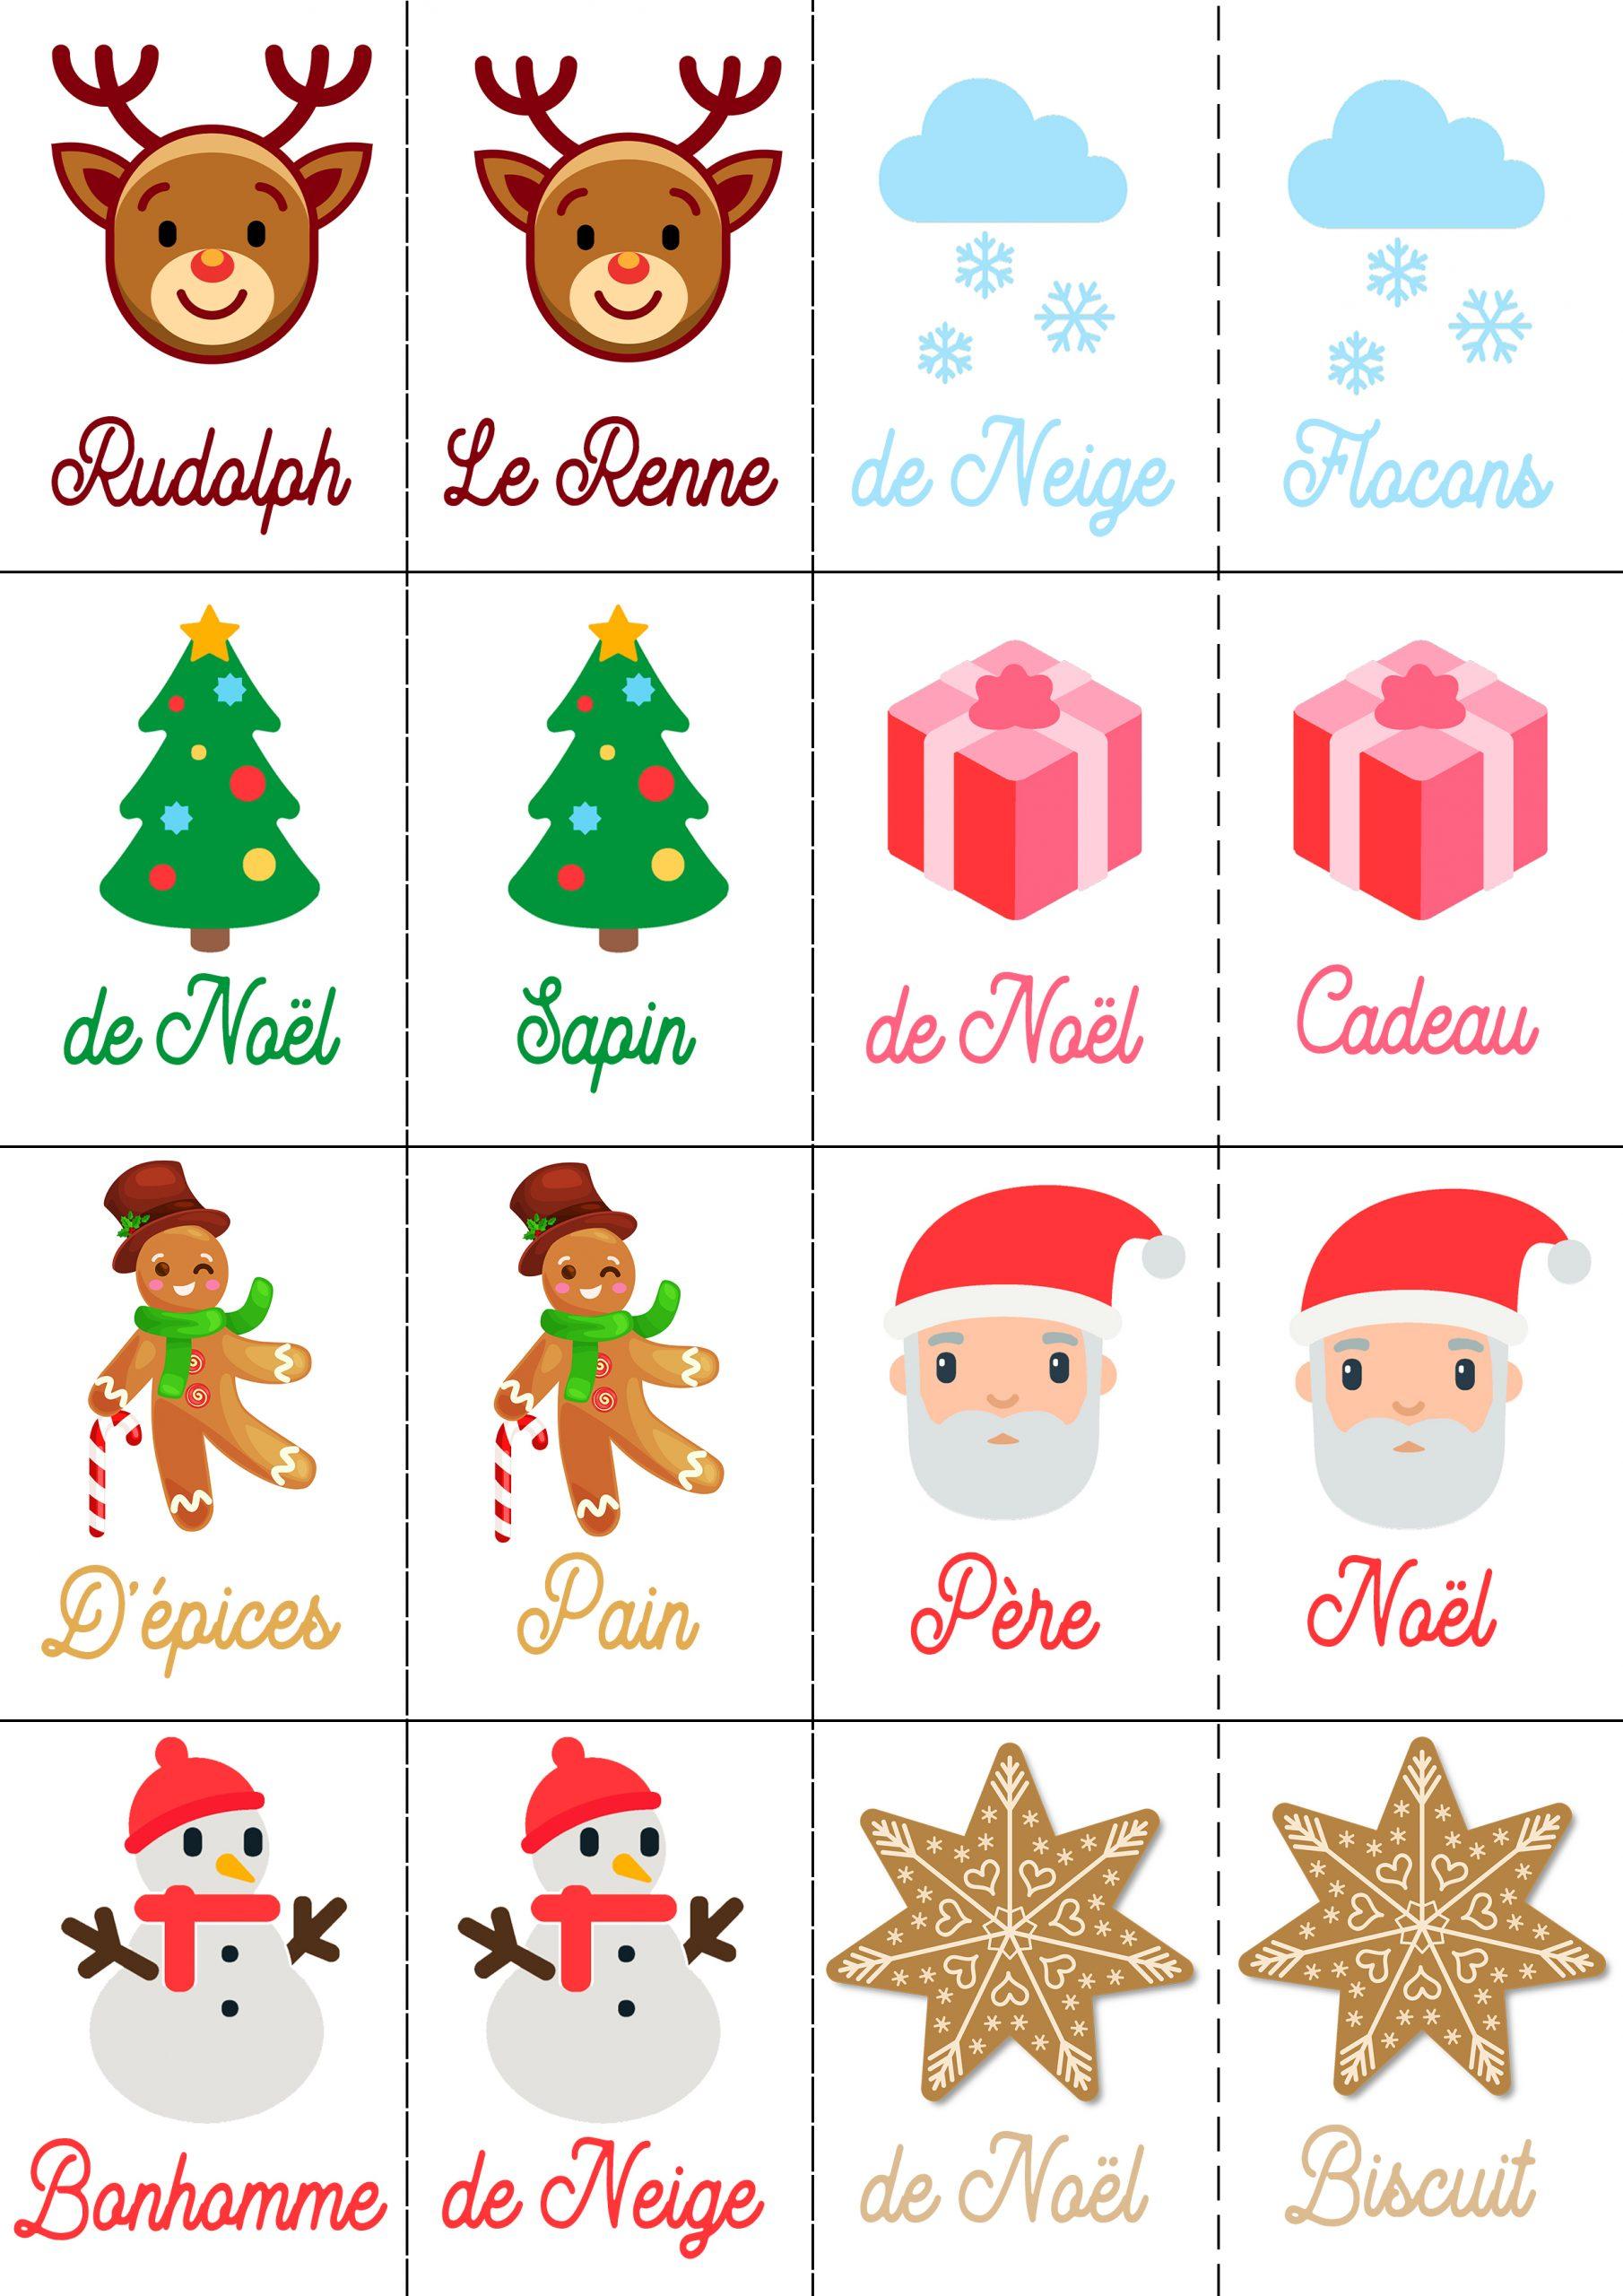 4 Jeux De Noël Pour Petits Et Grands À Imprimer Gratuitement concernant Rébus À Imprimer